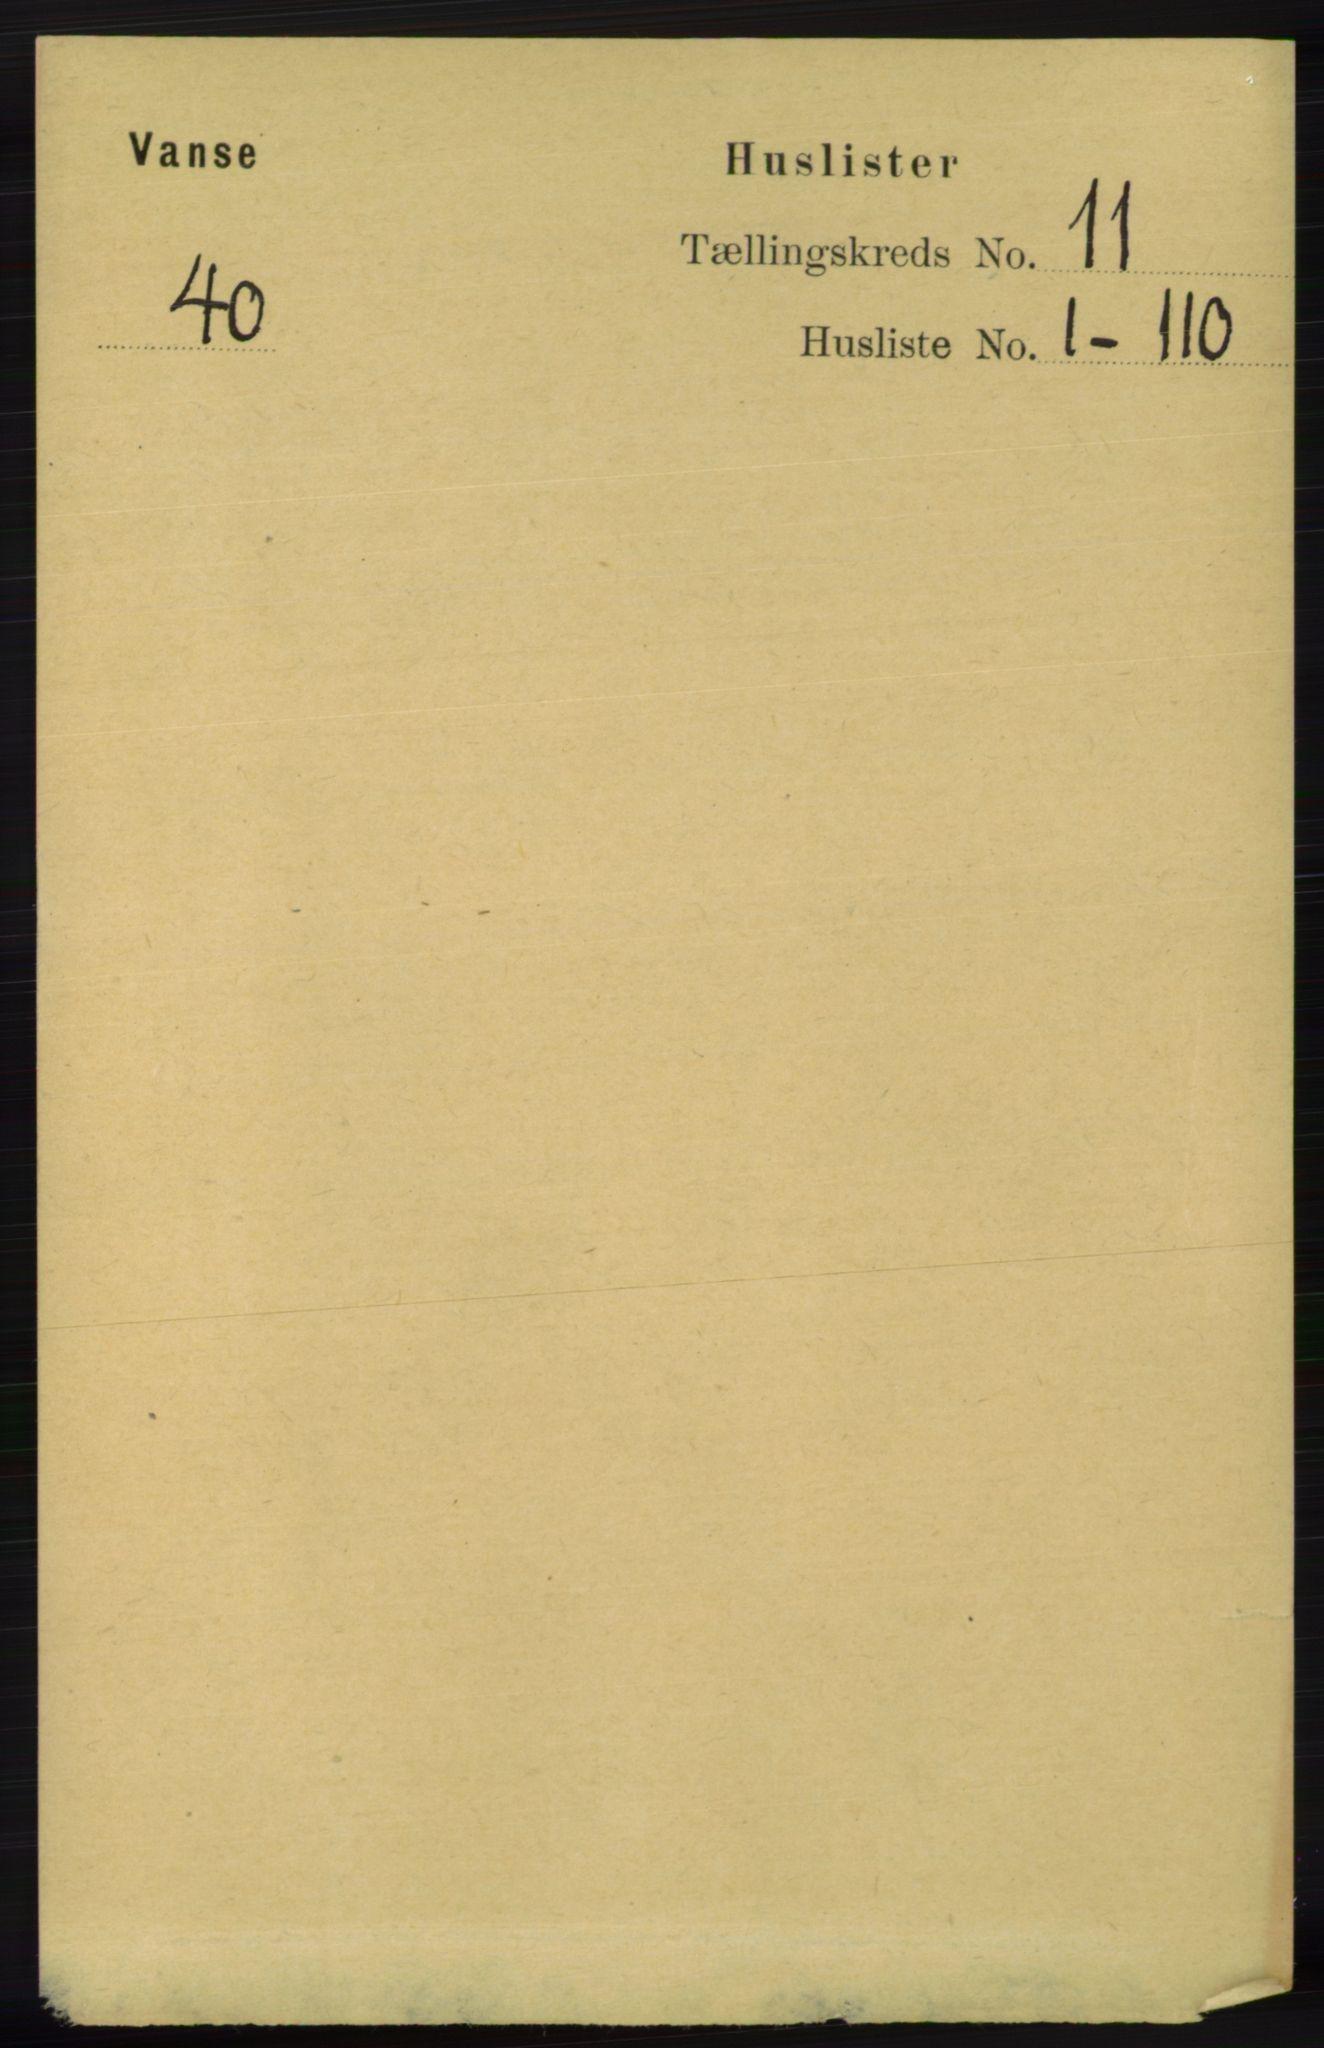 RA, Folketelling 1891 for 1041 Vanse herred, 1891, s. 6078